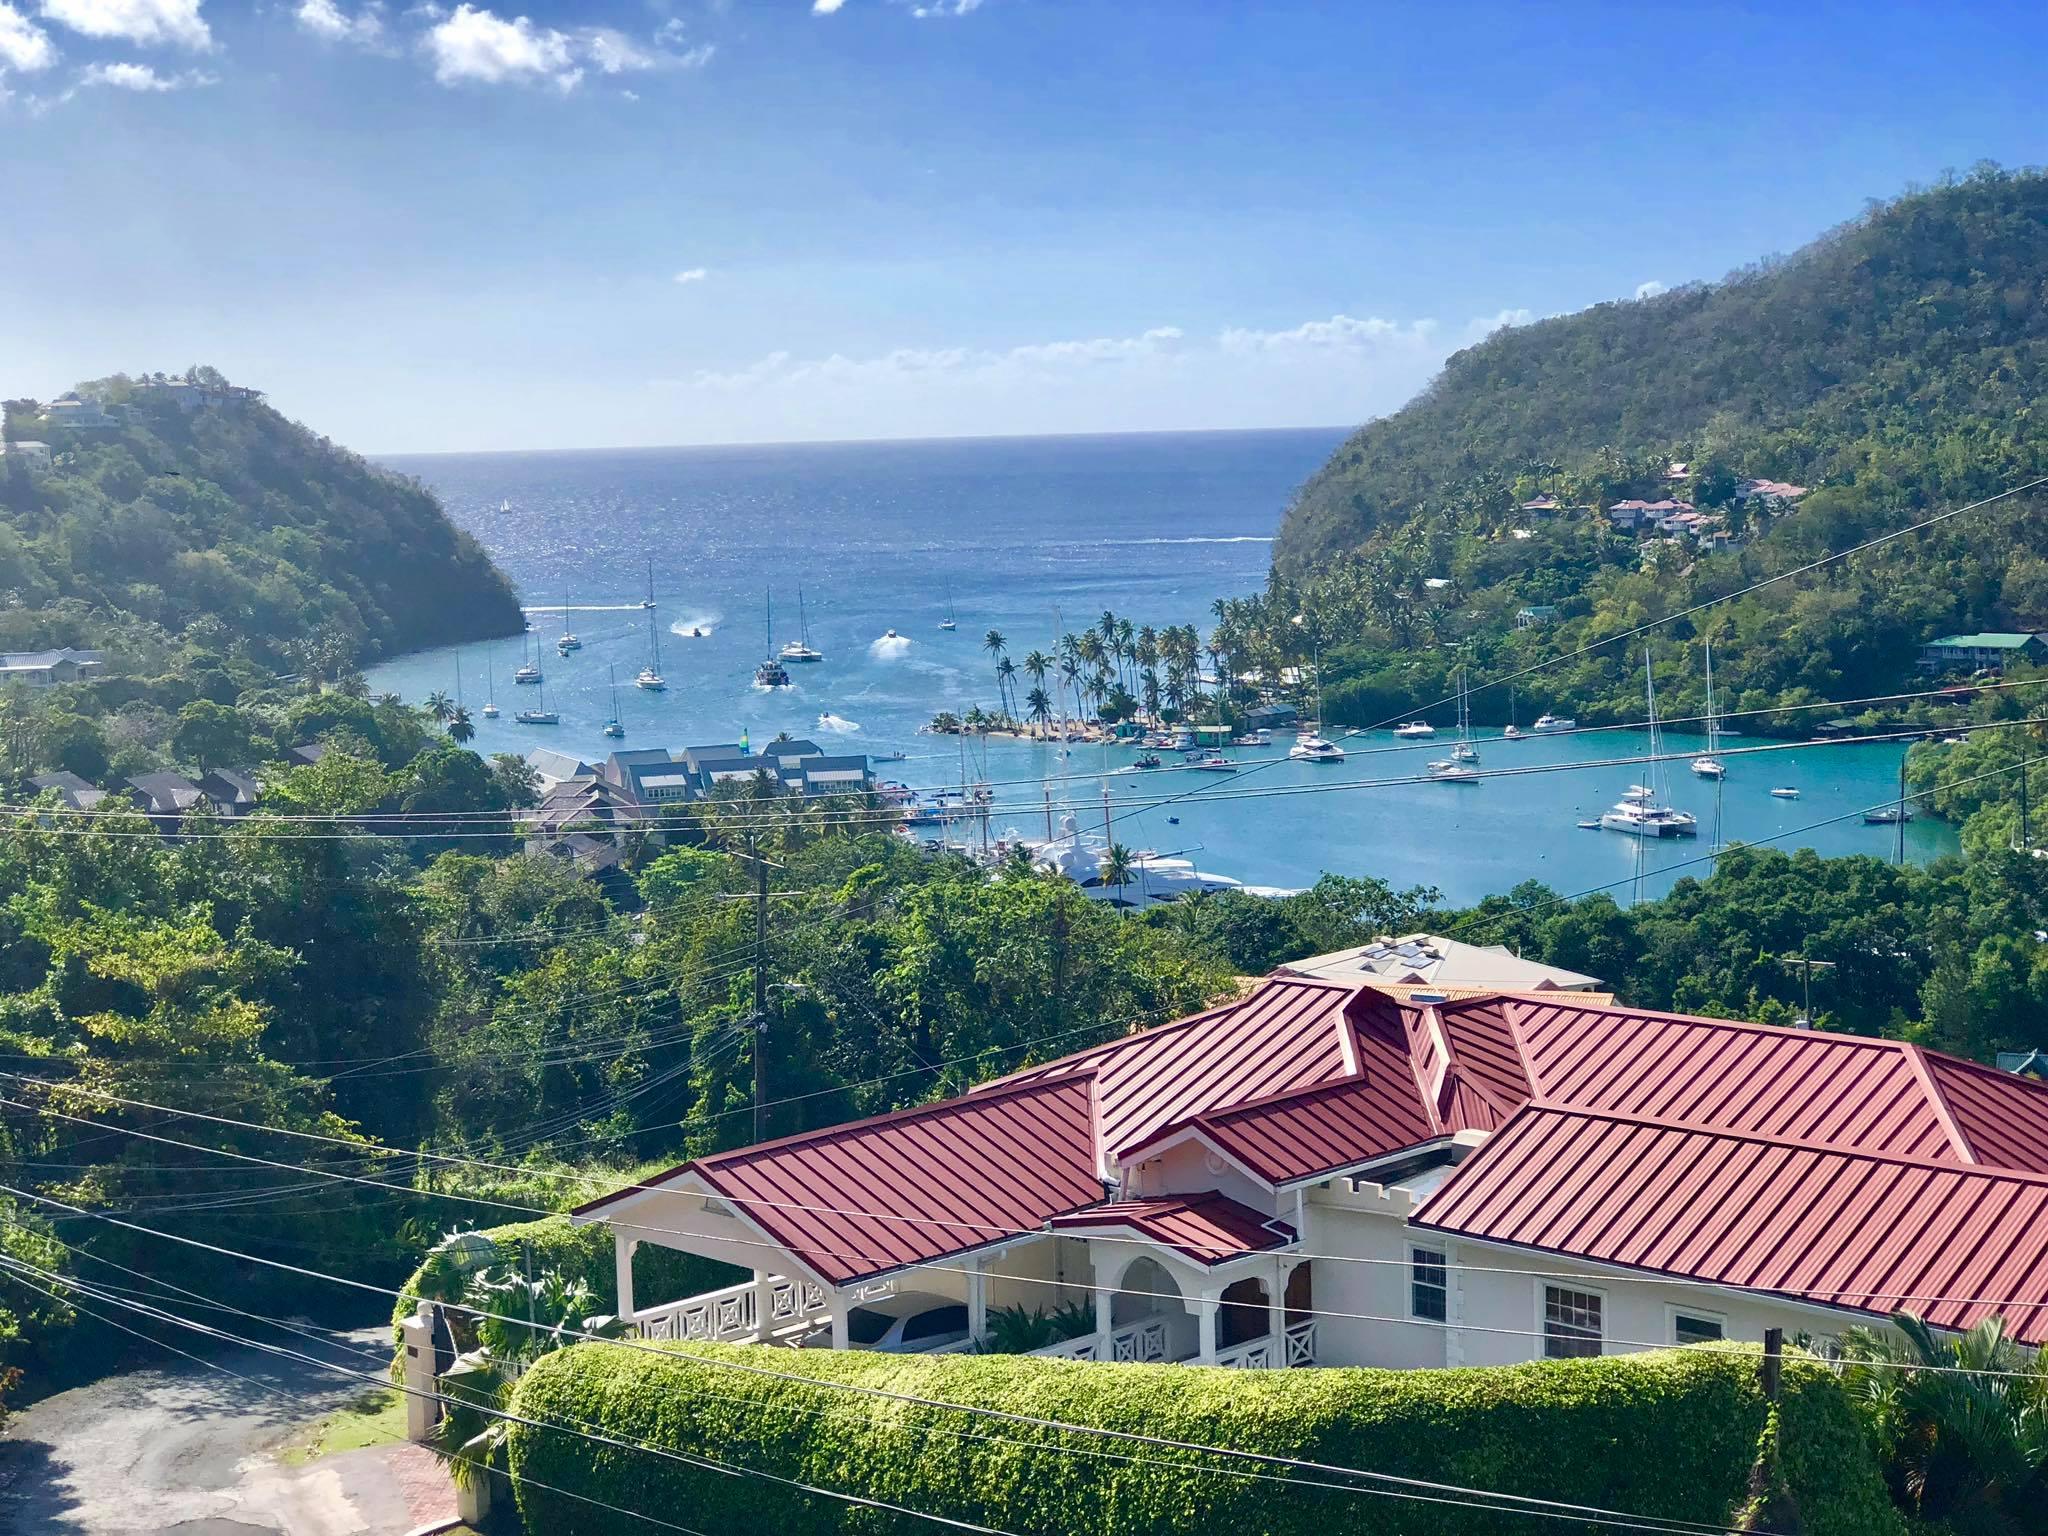 Kach Solo Travels in 2019 Beautiful St Lucia20.jpg